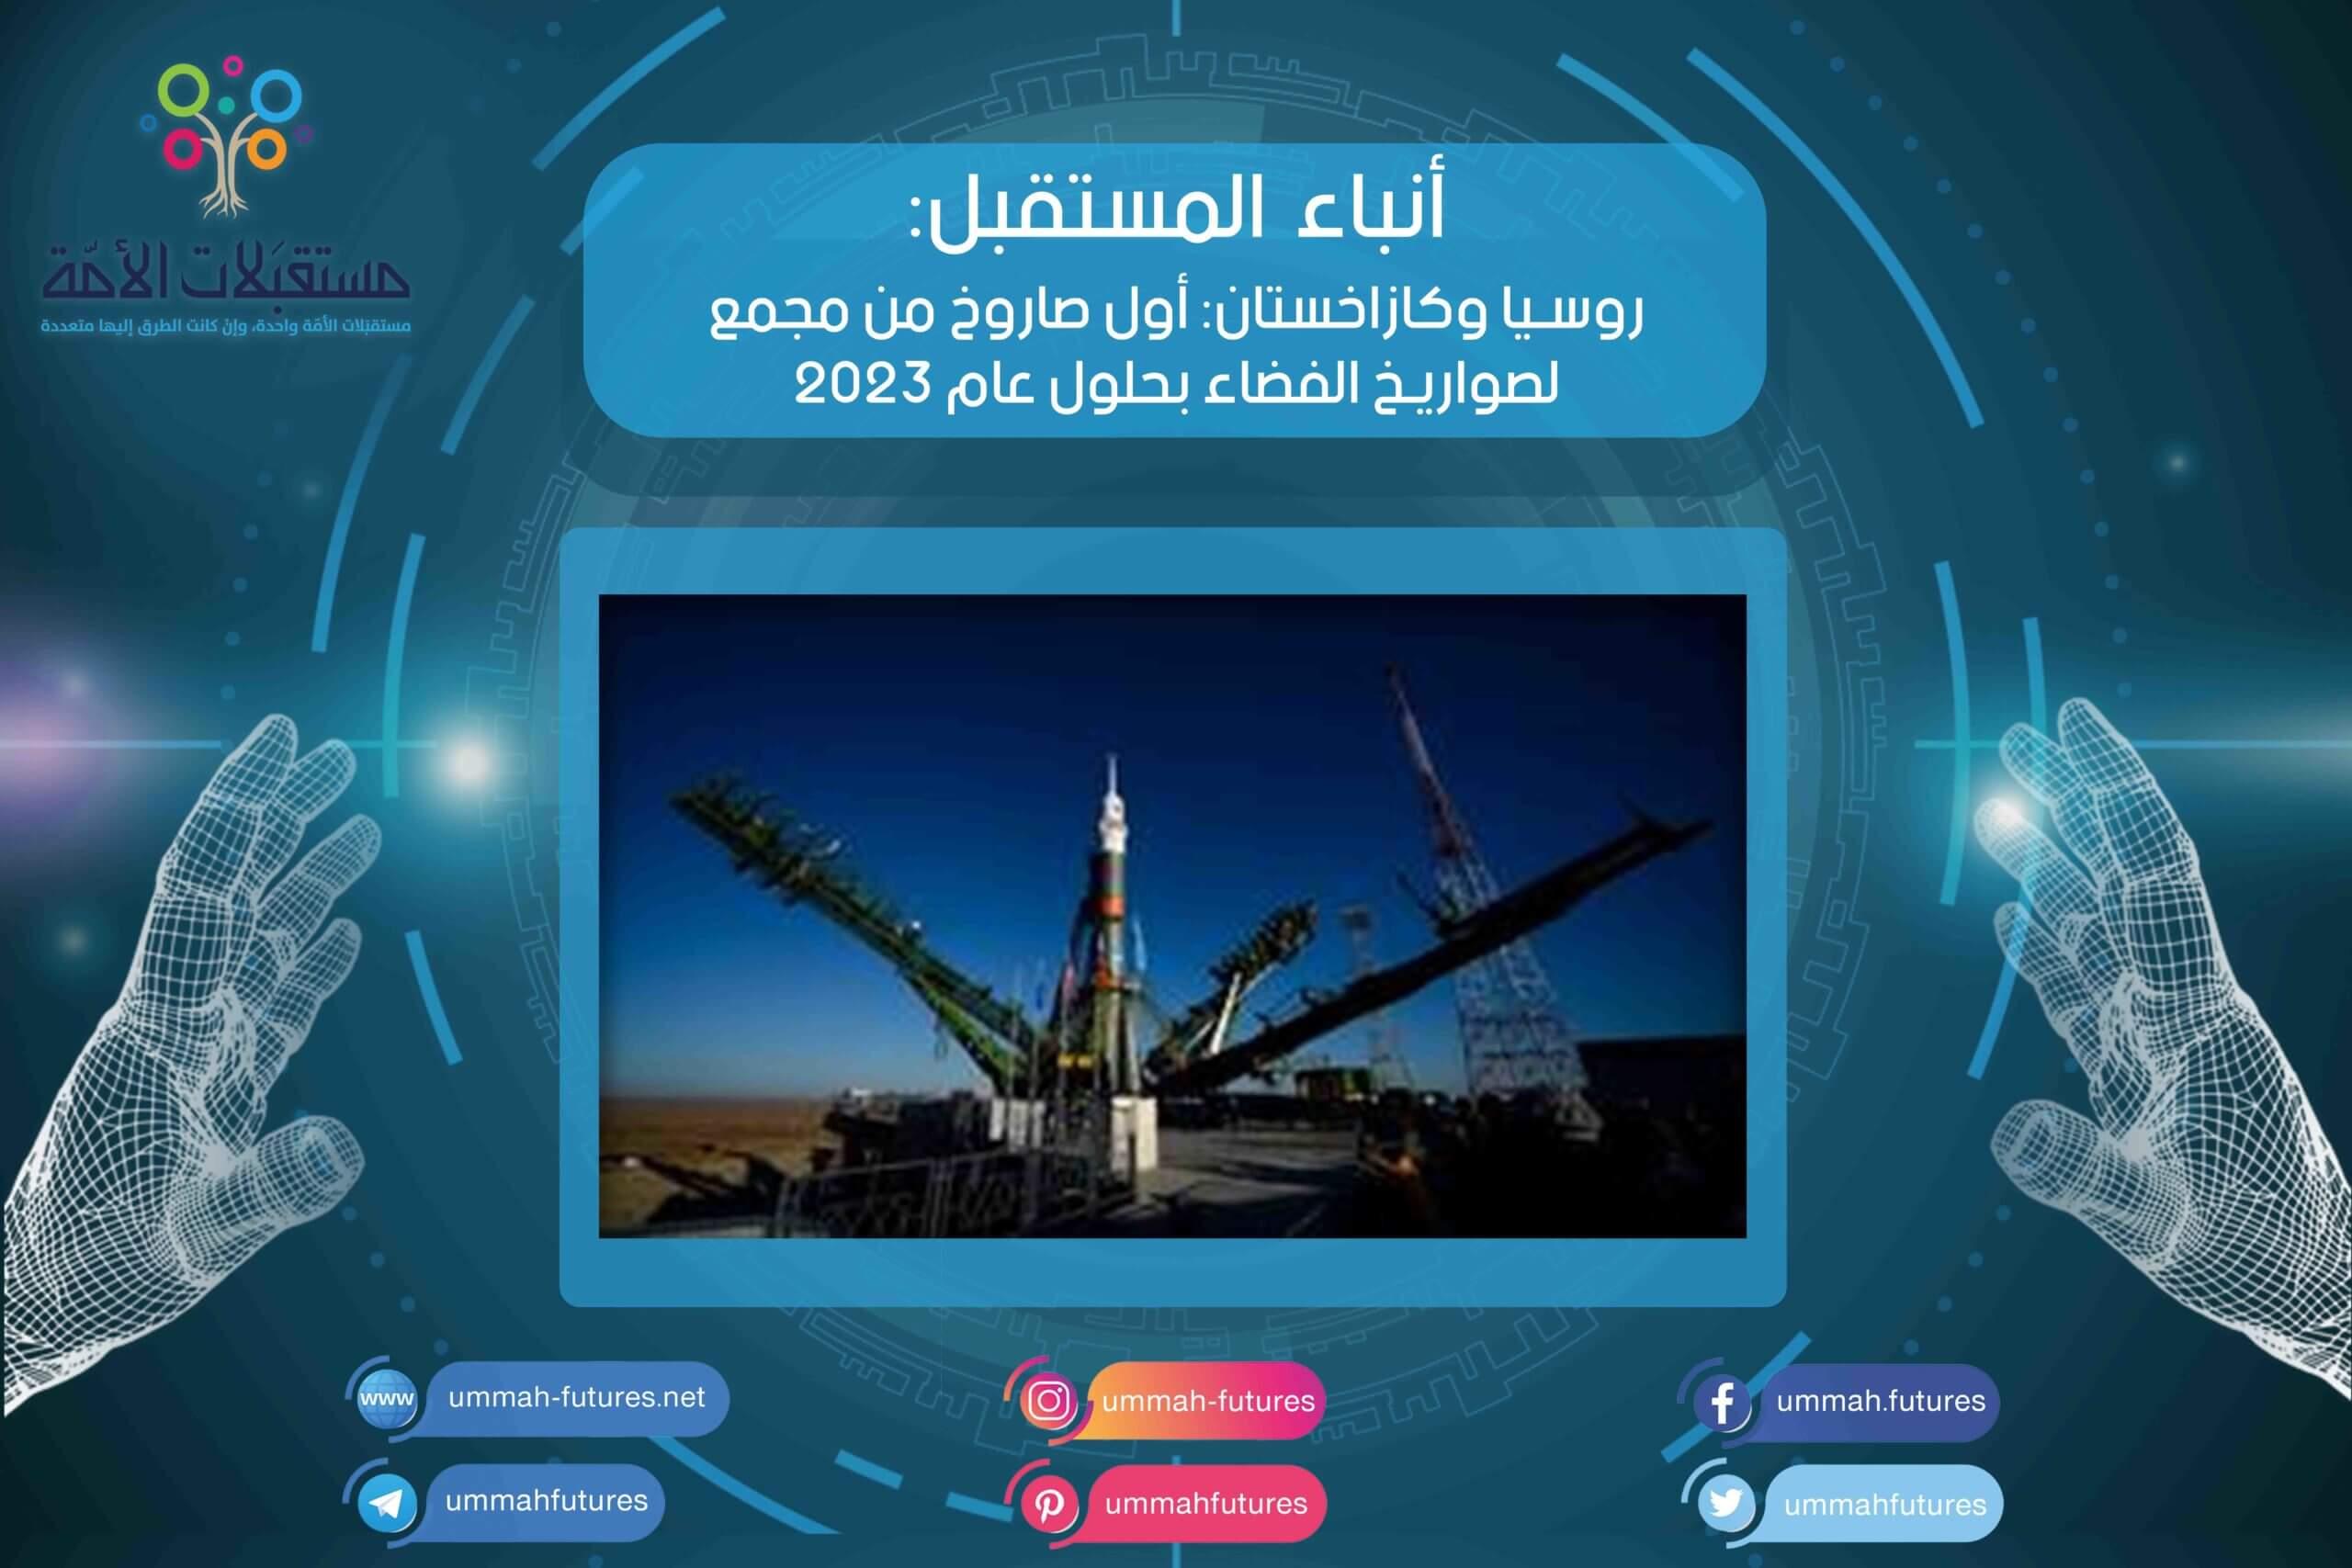 روسيا وكازاخستان: أول صاروخ من مجمع لصواريخ الفضاء بحلول عام 2023